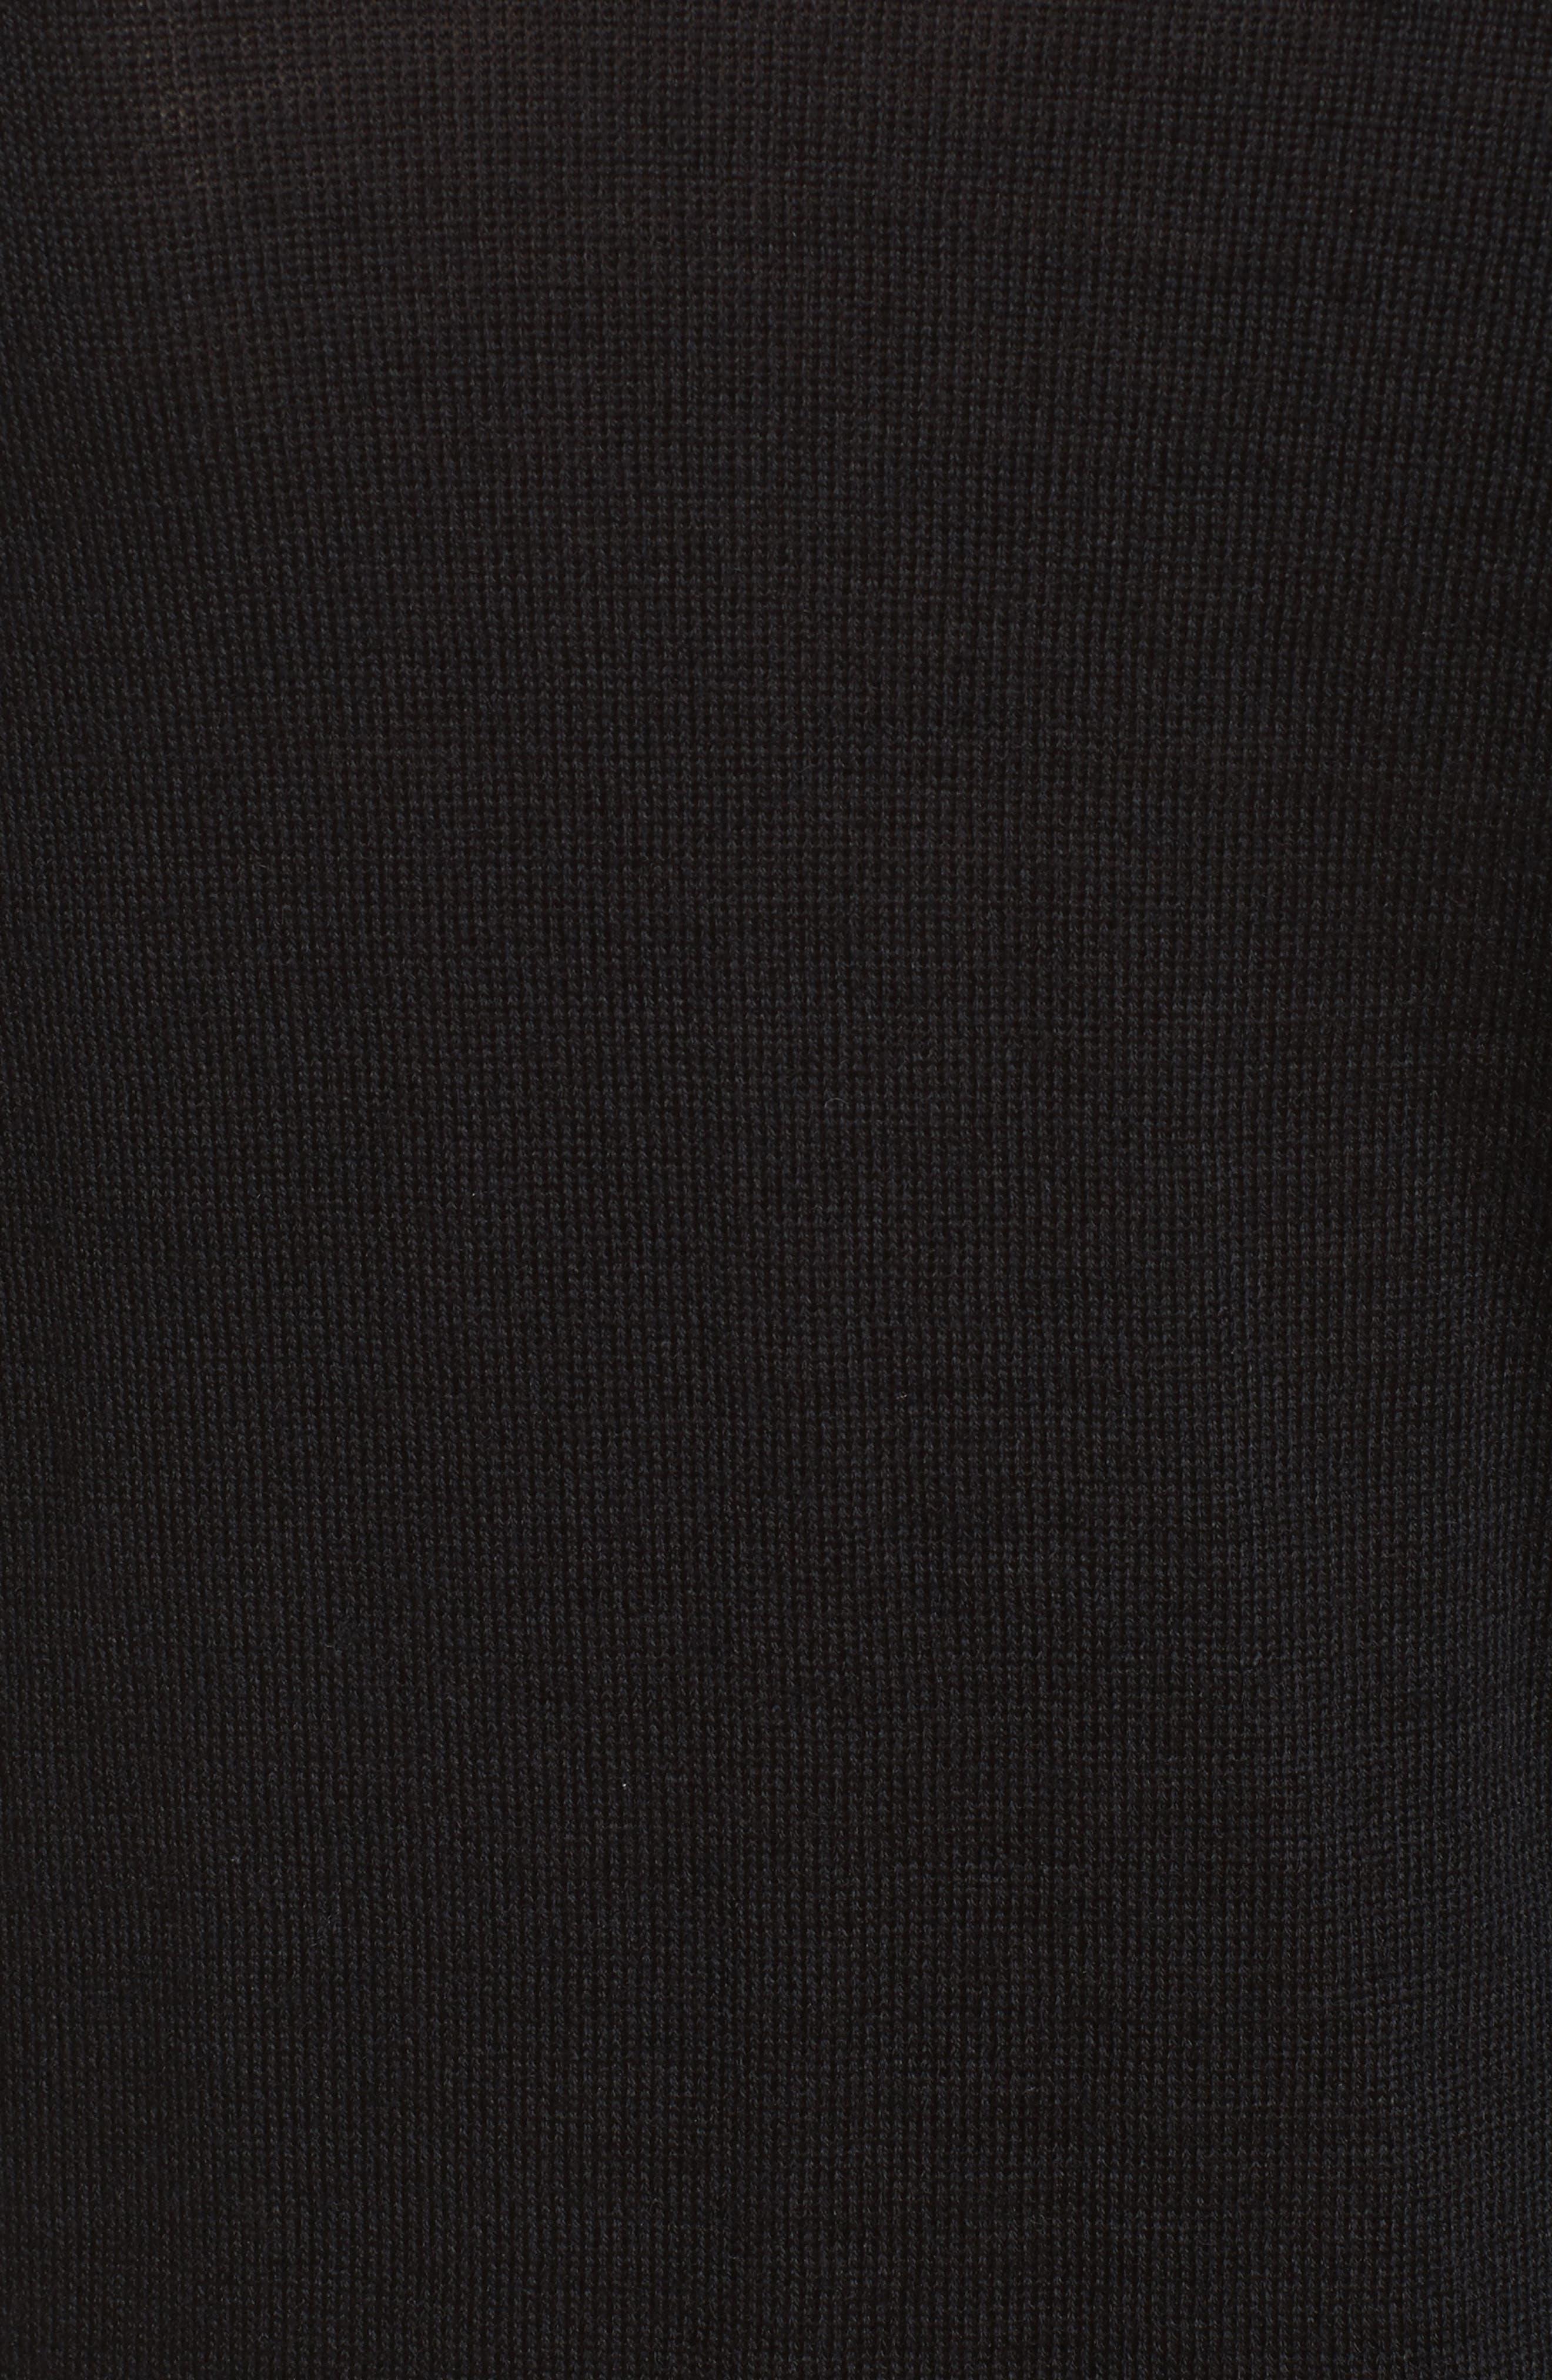 Floral Appliqué Button Cardigan,                             Alternate thumbnail 5, color,                             001